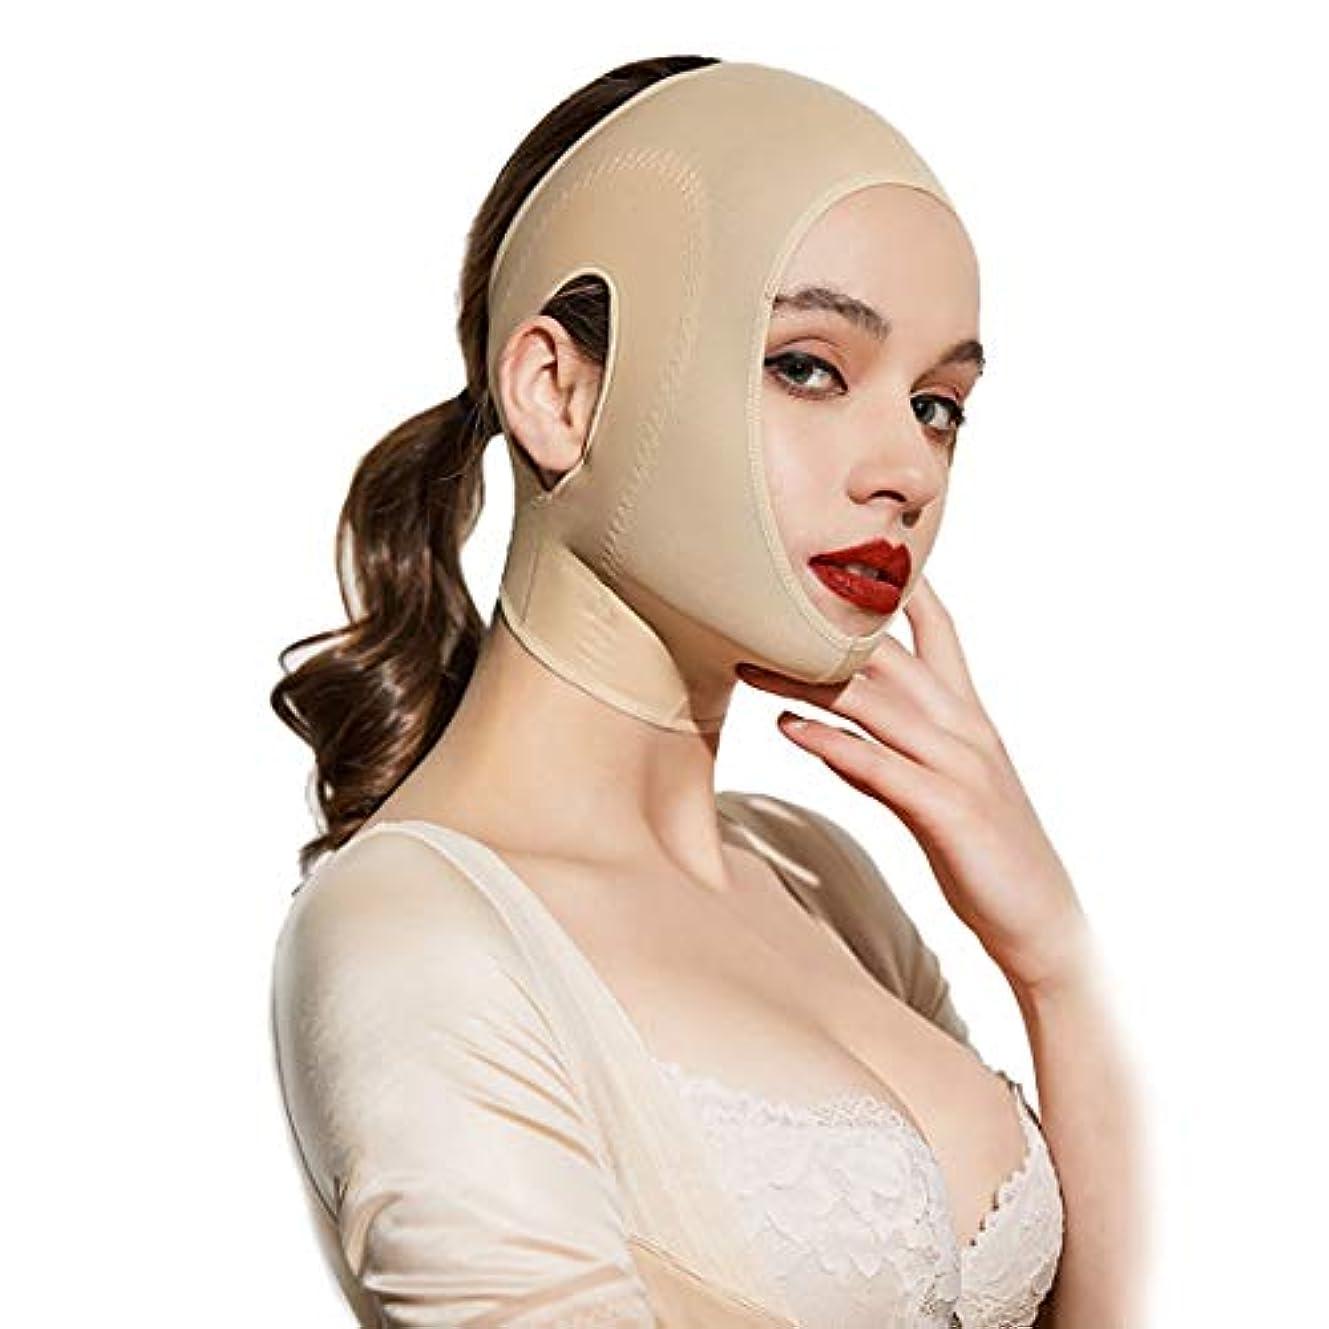 盗賊アスリート給料ZWBD フェイスマスク, 薄い顔包帯睡眠ステッカー包帯V顔引き締め垂れ顔ダブルあご薄い一口筋肉整形マスク (Size : M)